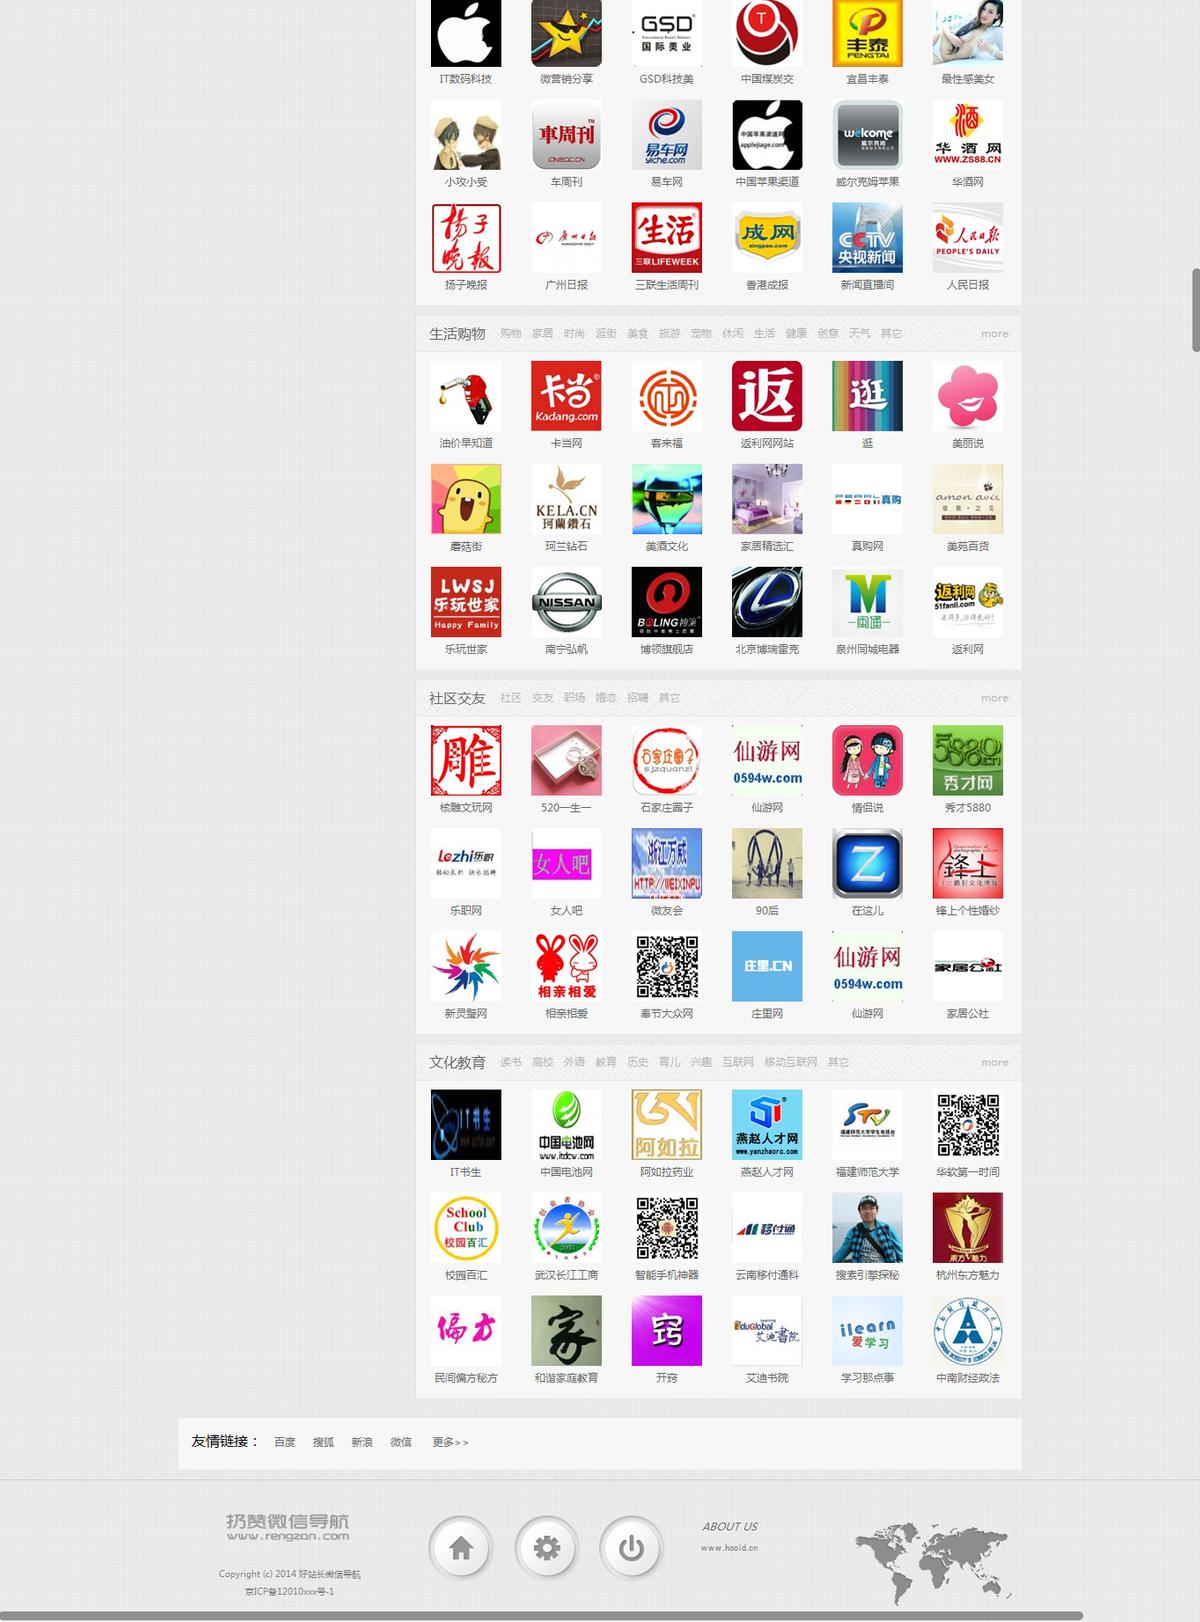 最新微信公众号导航源码,仿扔赞网,微信公众账号推广平台完全免费下载